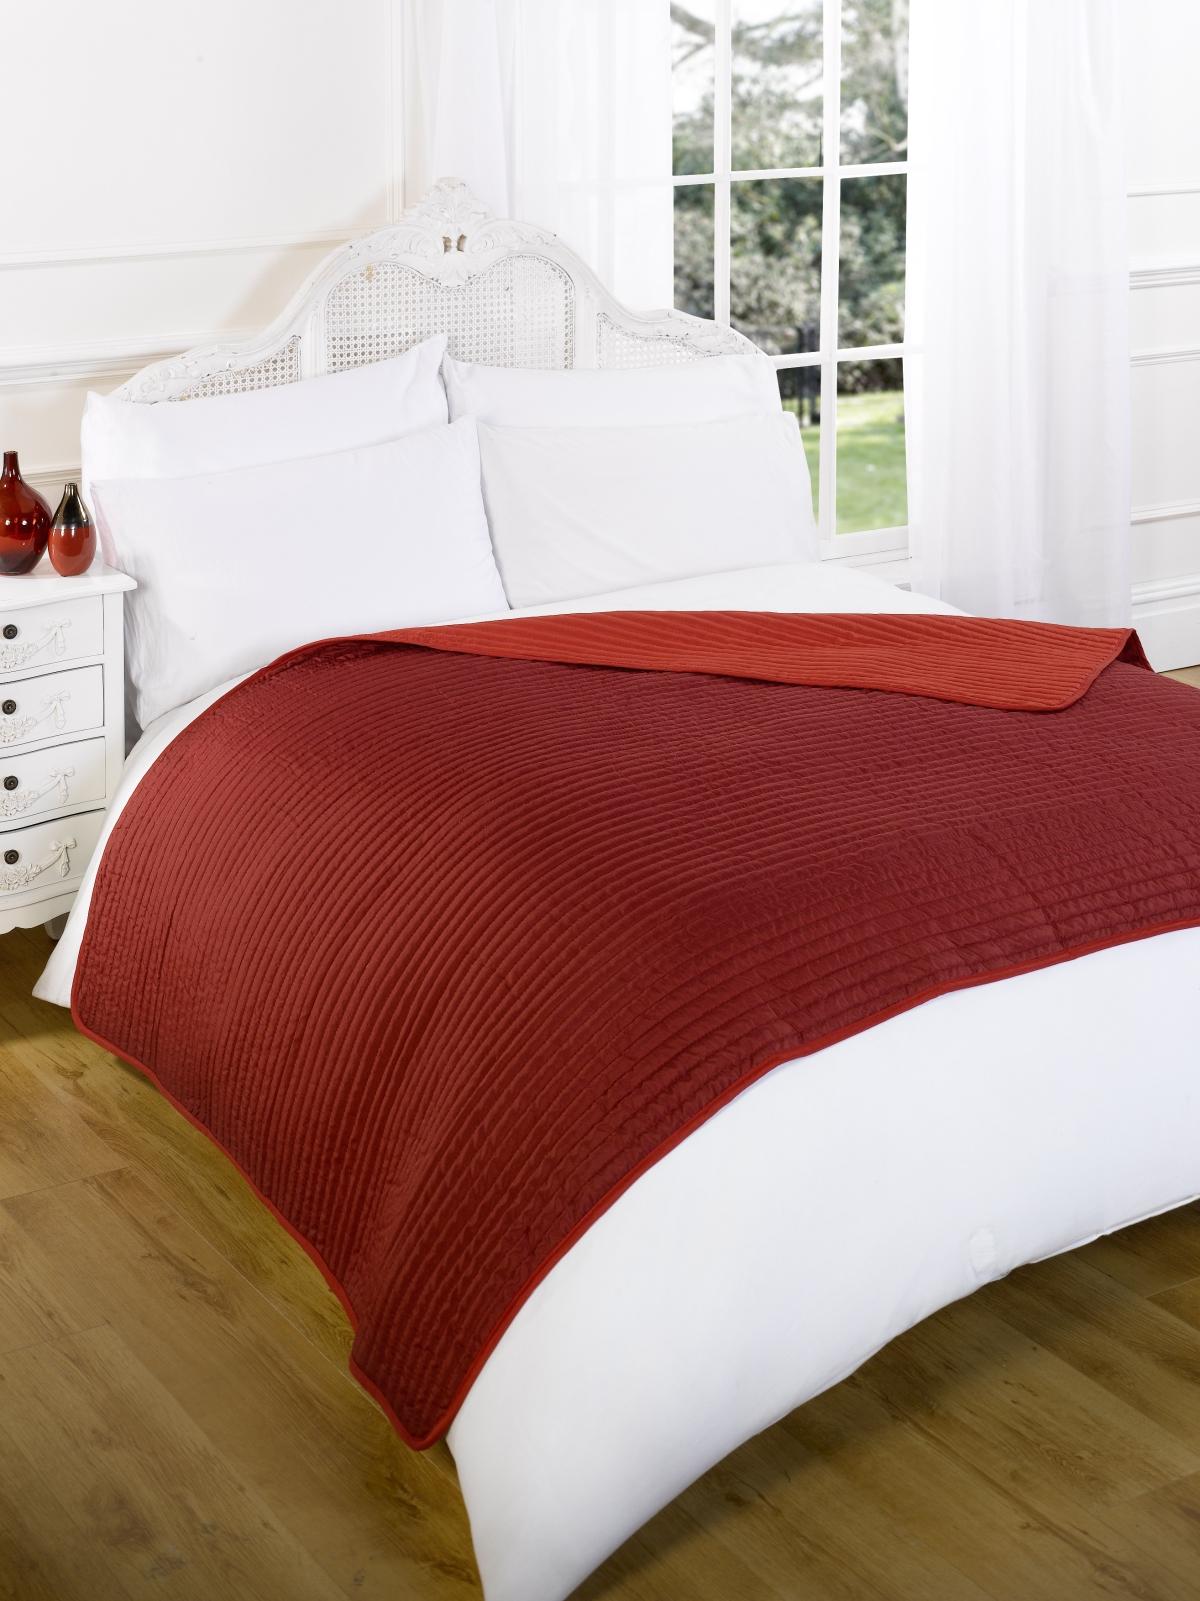 large jet de canap et lit matelass r versible 6 couleurs 100 polyester ebay. Black Bedroom Furniture Sets. Home Design Ideas